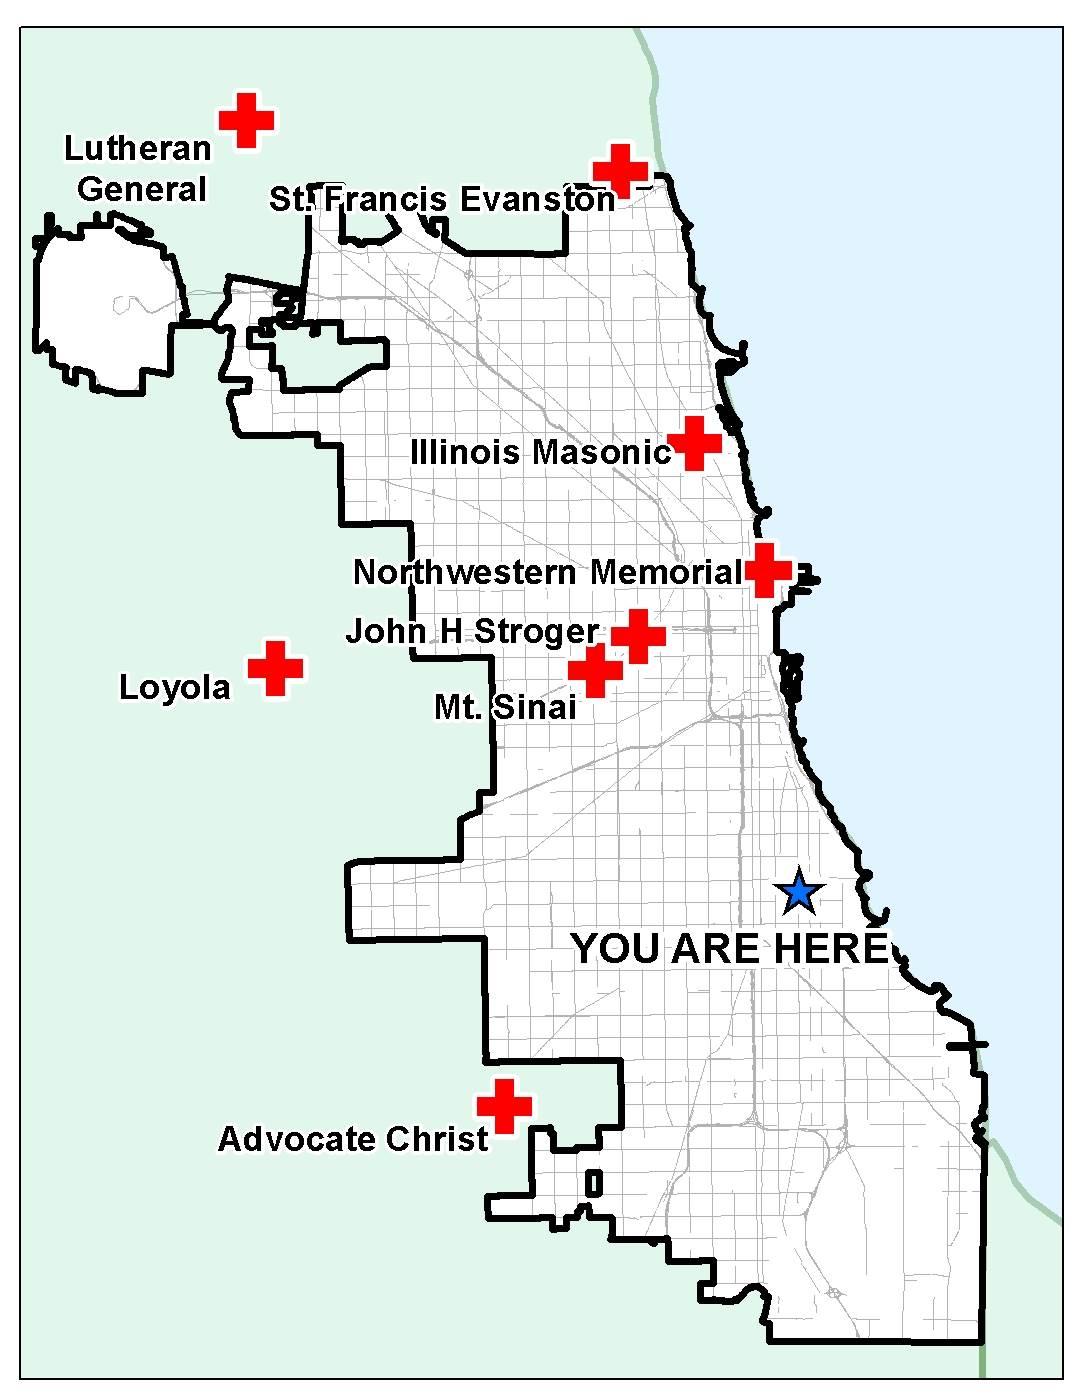 Chicago's Trauma and Lack of Trauma Centers